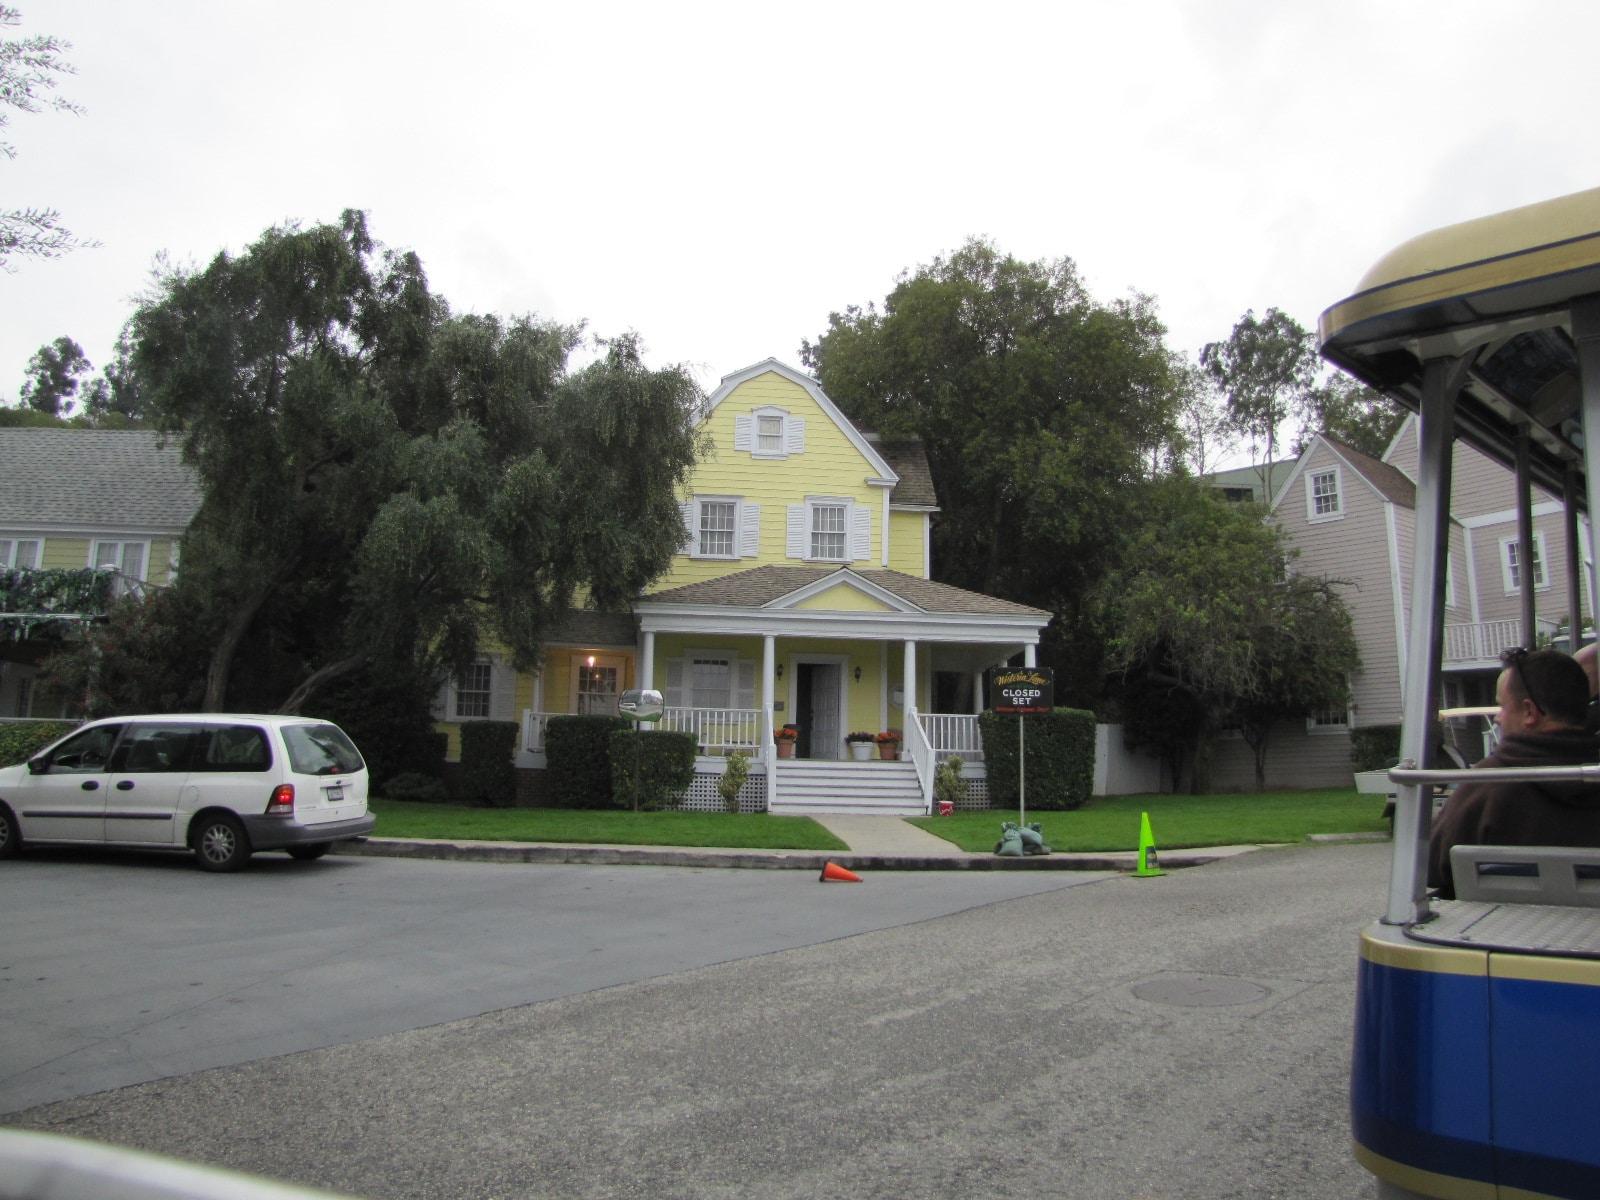 Maison sur Wisteria Lane